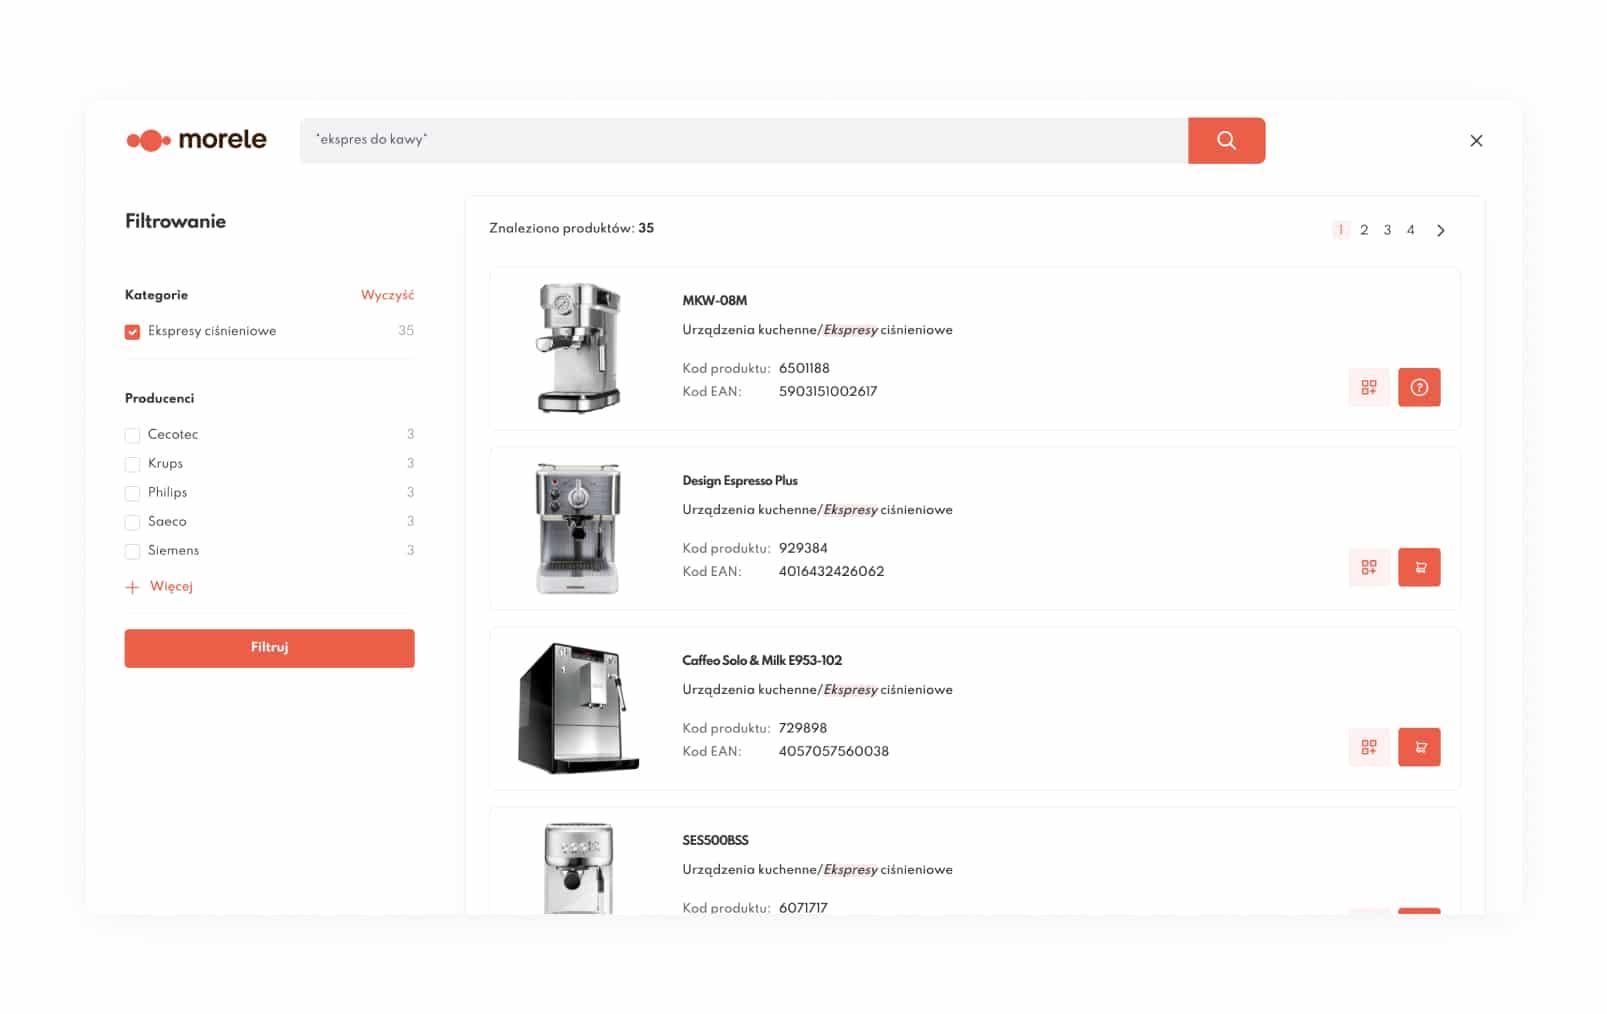 Wygodne filtrowanie i wyszukiwanie produktów w katalogu